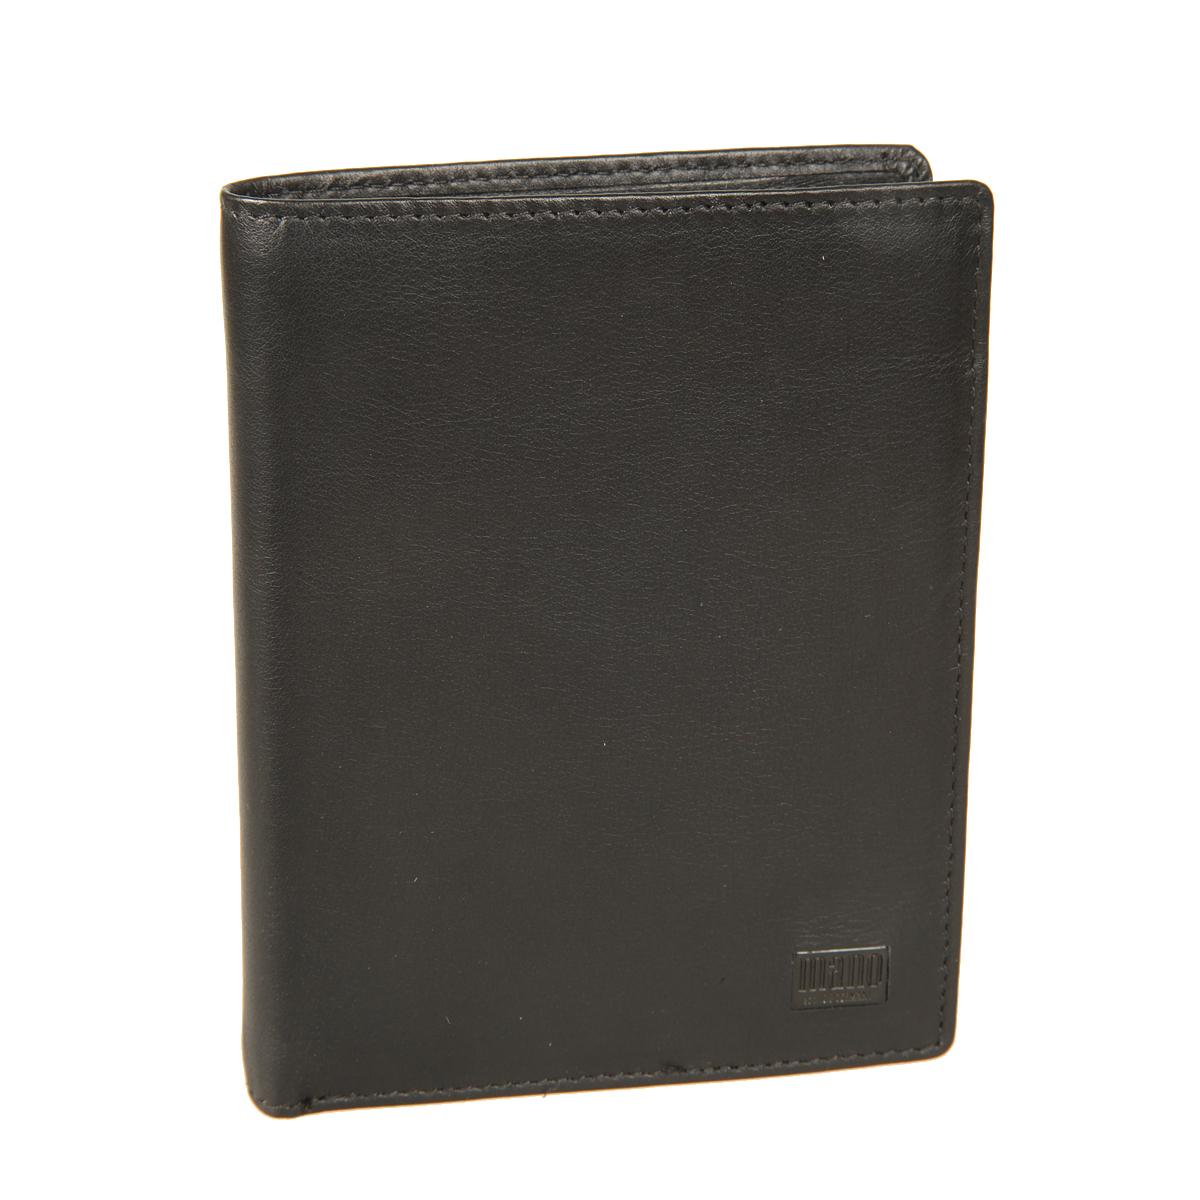 Портмоне мужское Mano, цвет: черный. 1915977-080-06Стильное мужское портмоне Mano выполнено из натуральной кожи и оформлено не большой пластинкой с логотипом бренда. Внутри два отдела для купюр, отдел для мелочи с клапаном на кнопке, пять потайных карманов, восемь кармашков для пластиковых карт и один карман с сетчатой вставкой. Портмоне имеет Protect Pocket - защитный карман от считывания карты.Модель упакована в фирменную картонную коробку.